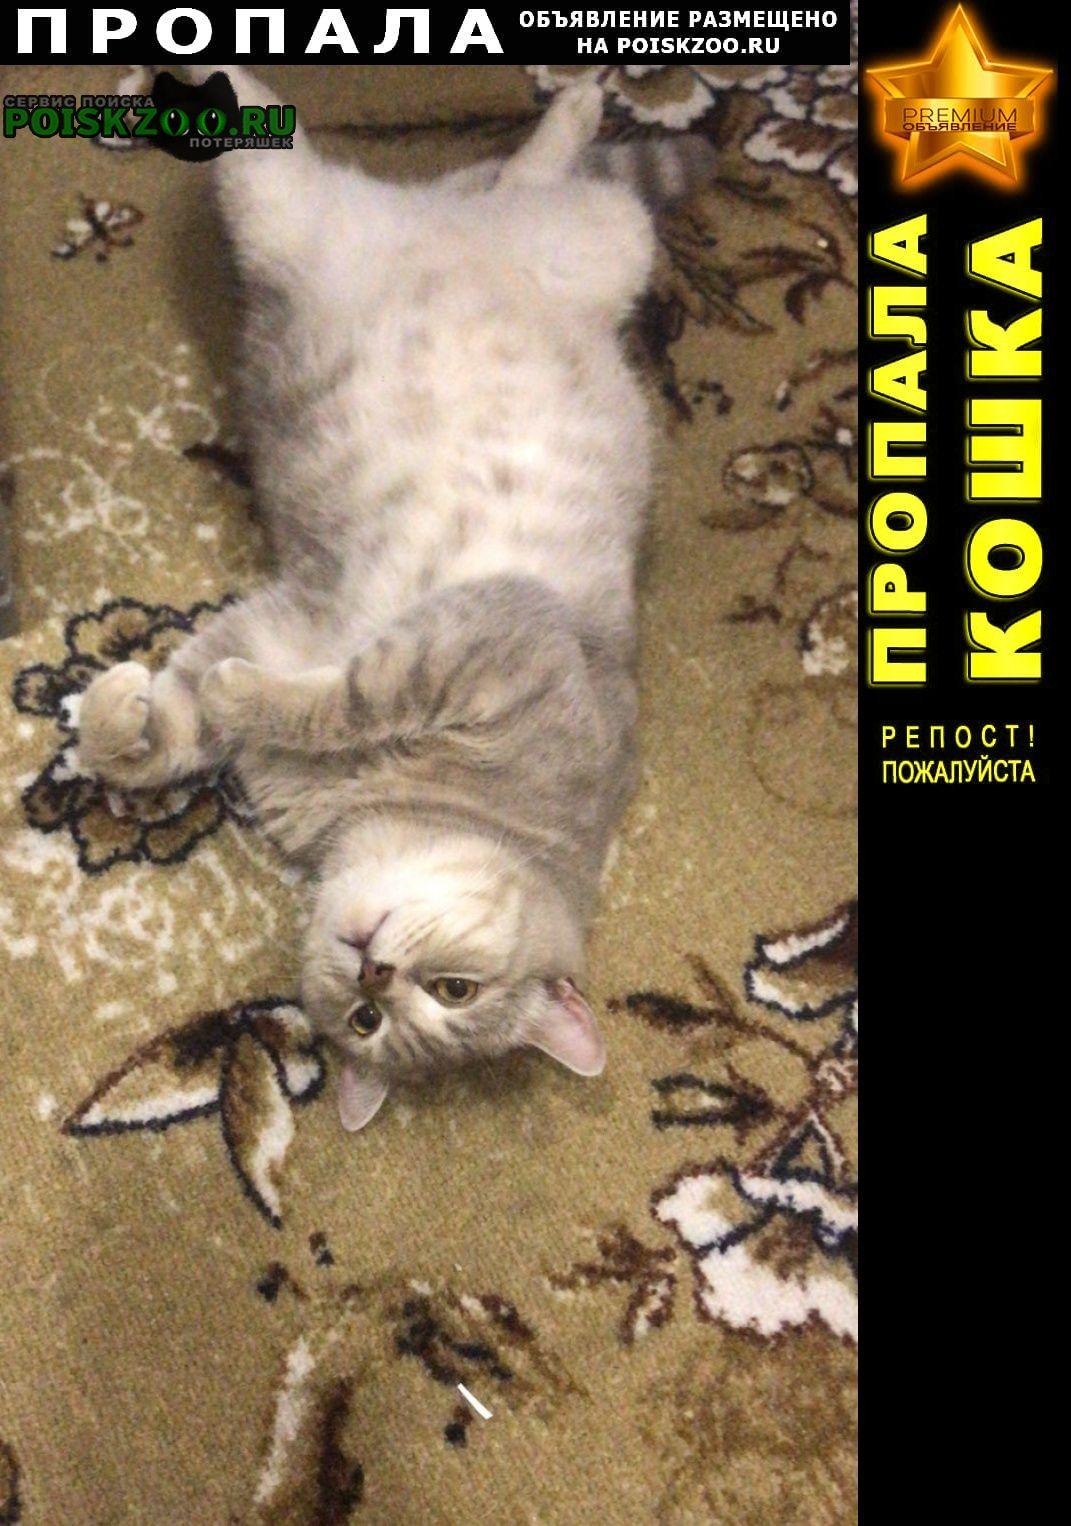 Пропал котик Геленджик